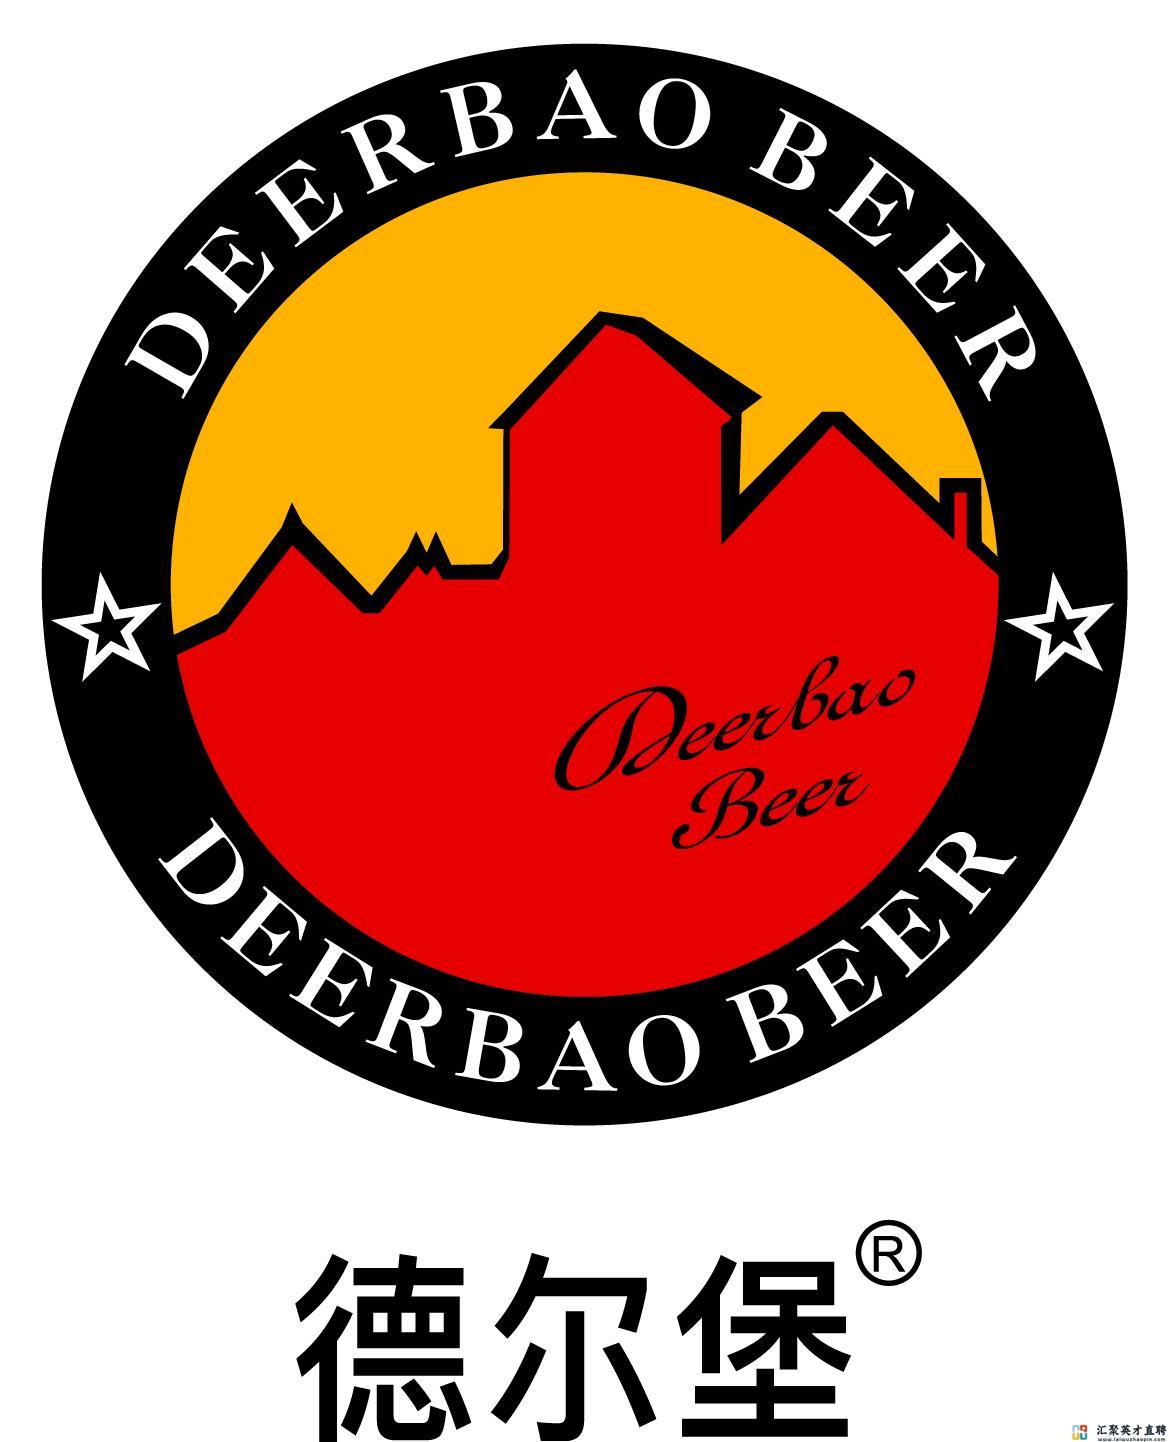 济南市斯普润啤酒有限公司